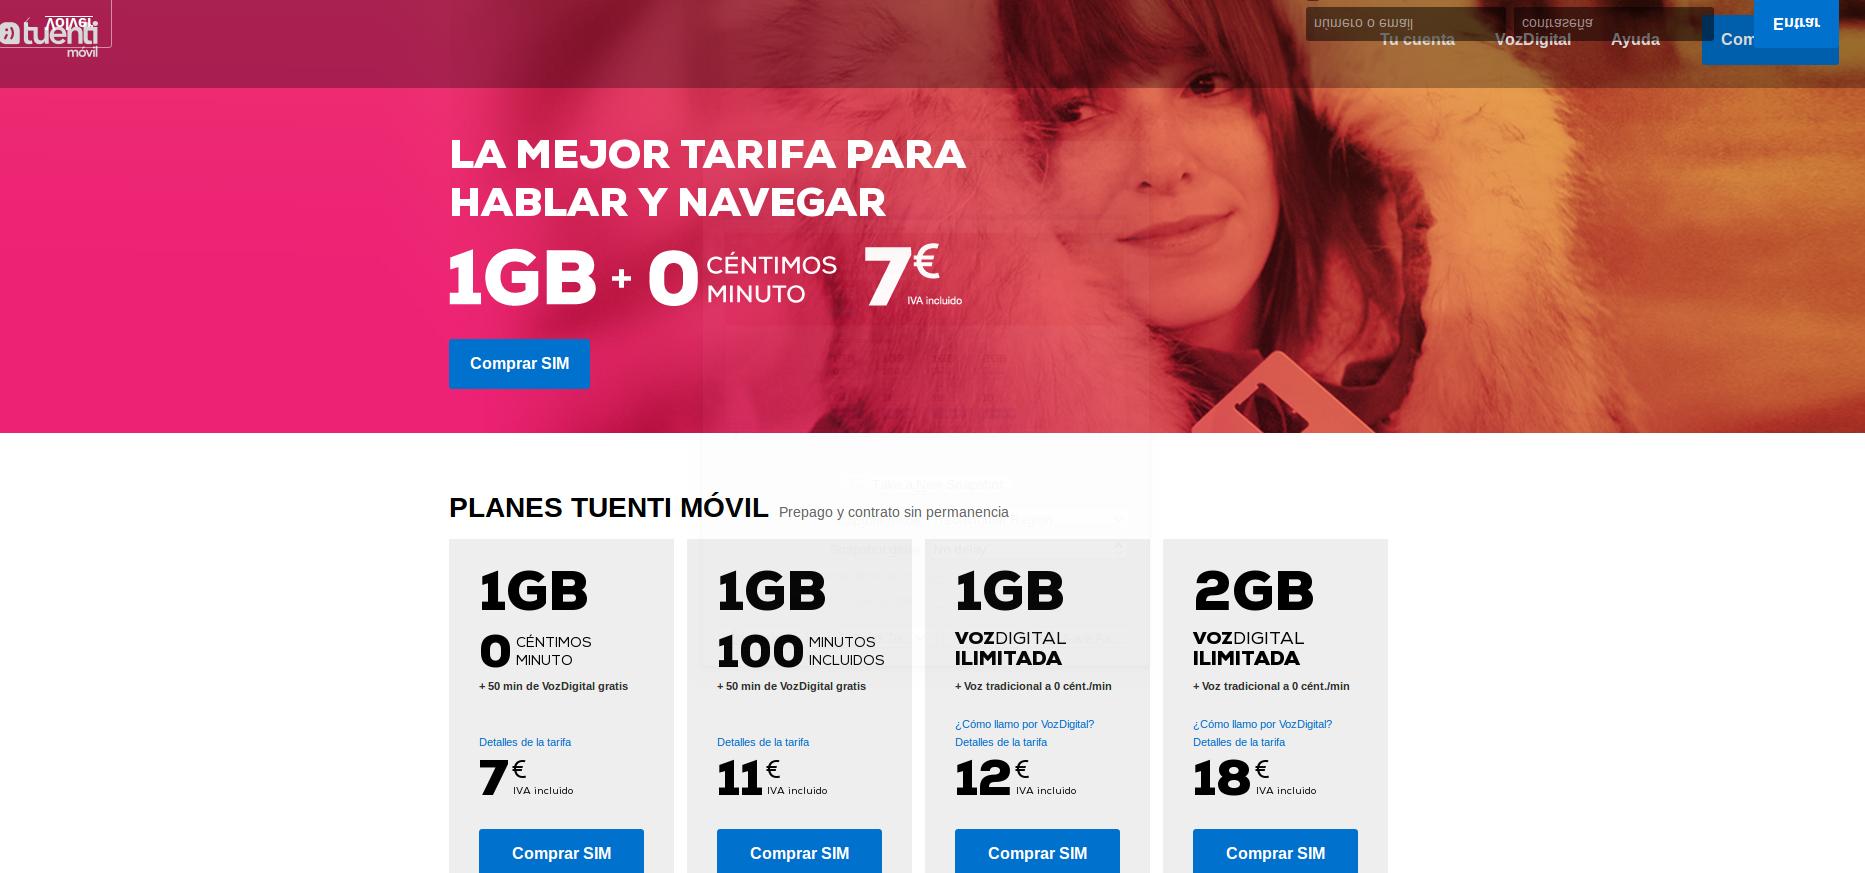 Visita la página web de Tuentti Móvil y compra tu sim ya